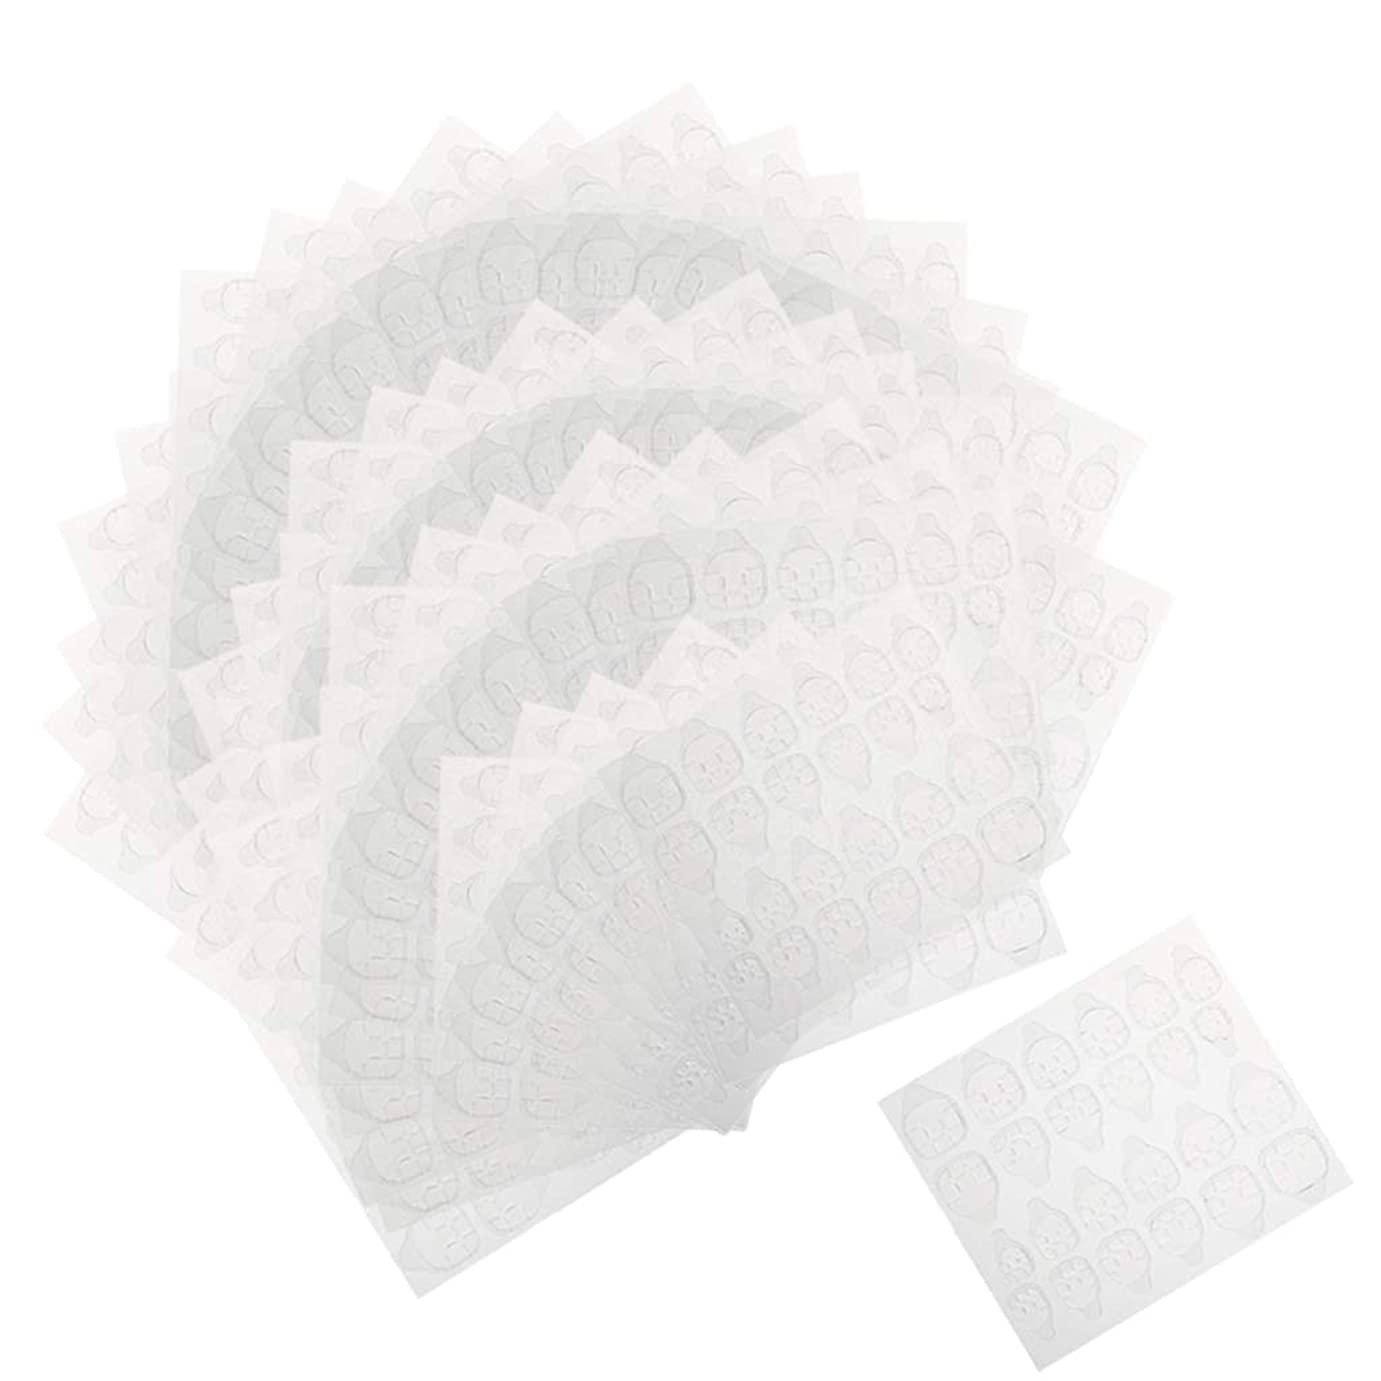 免疫記念繊細Perfeclan ネイルタブ ネイル接着剤ステッカー マニキュアタブ 両面接着 透明 両面テープ 約240ピースセット